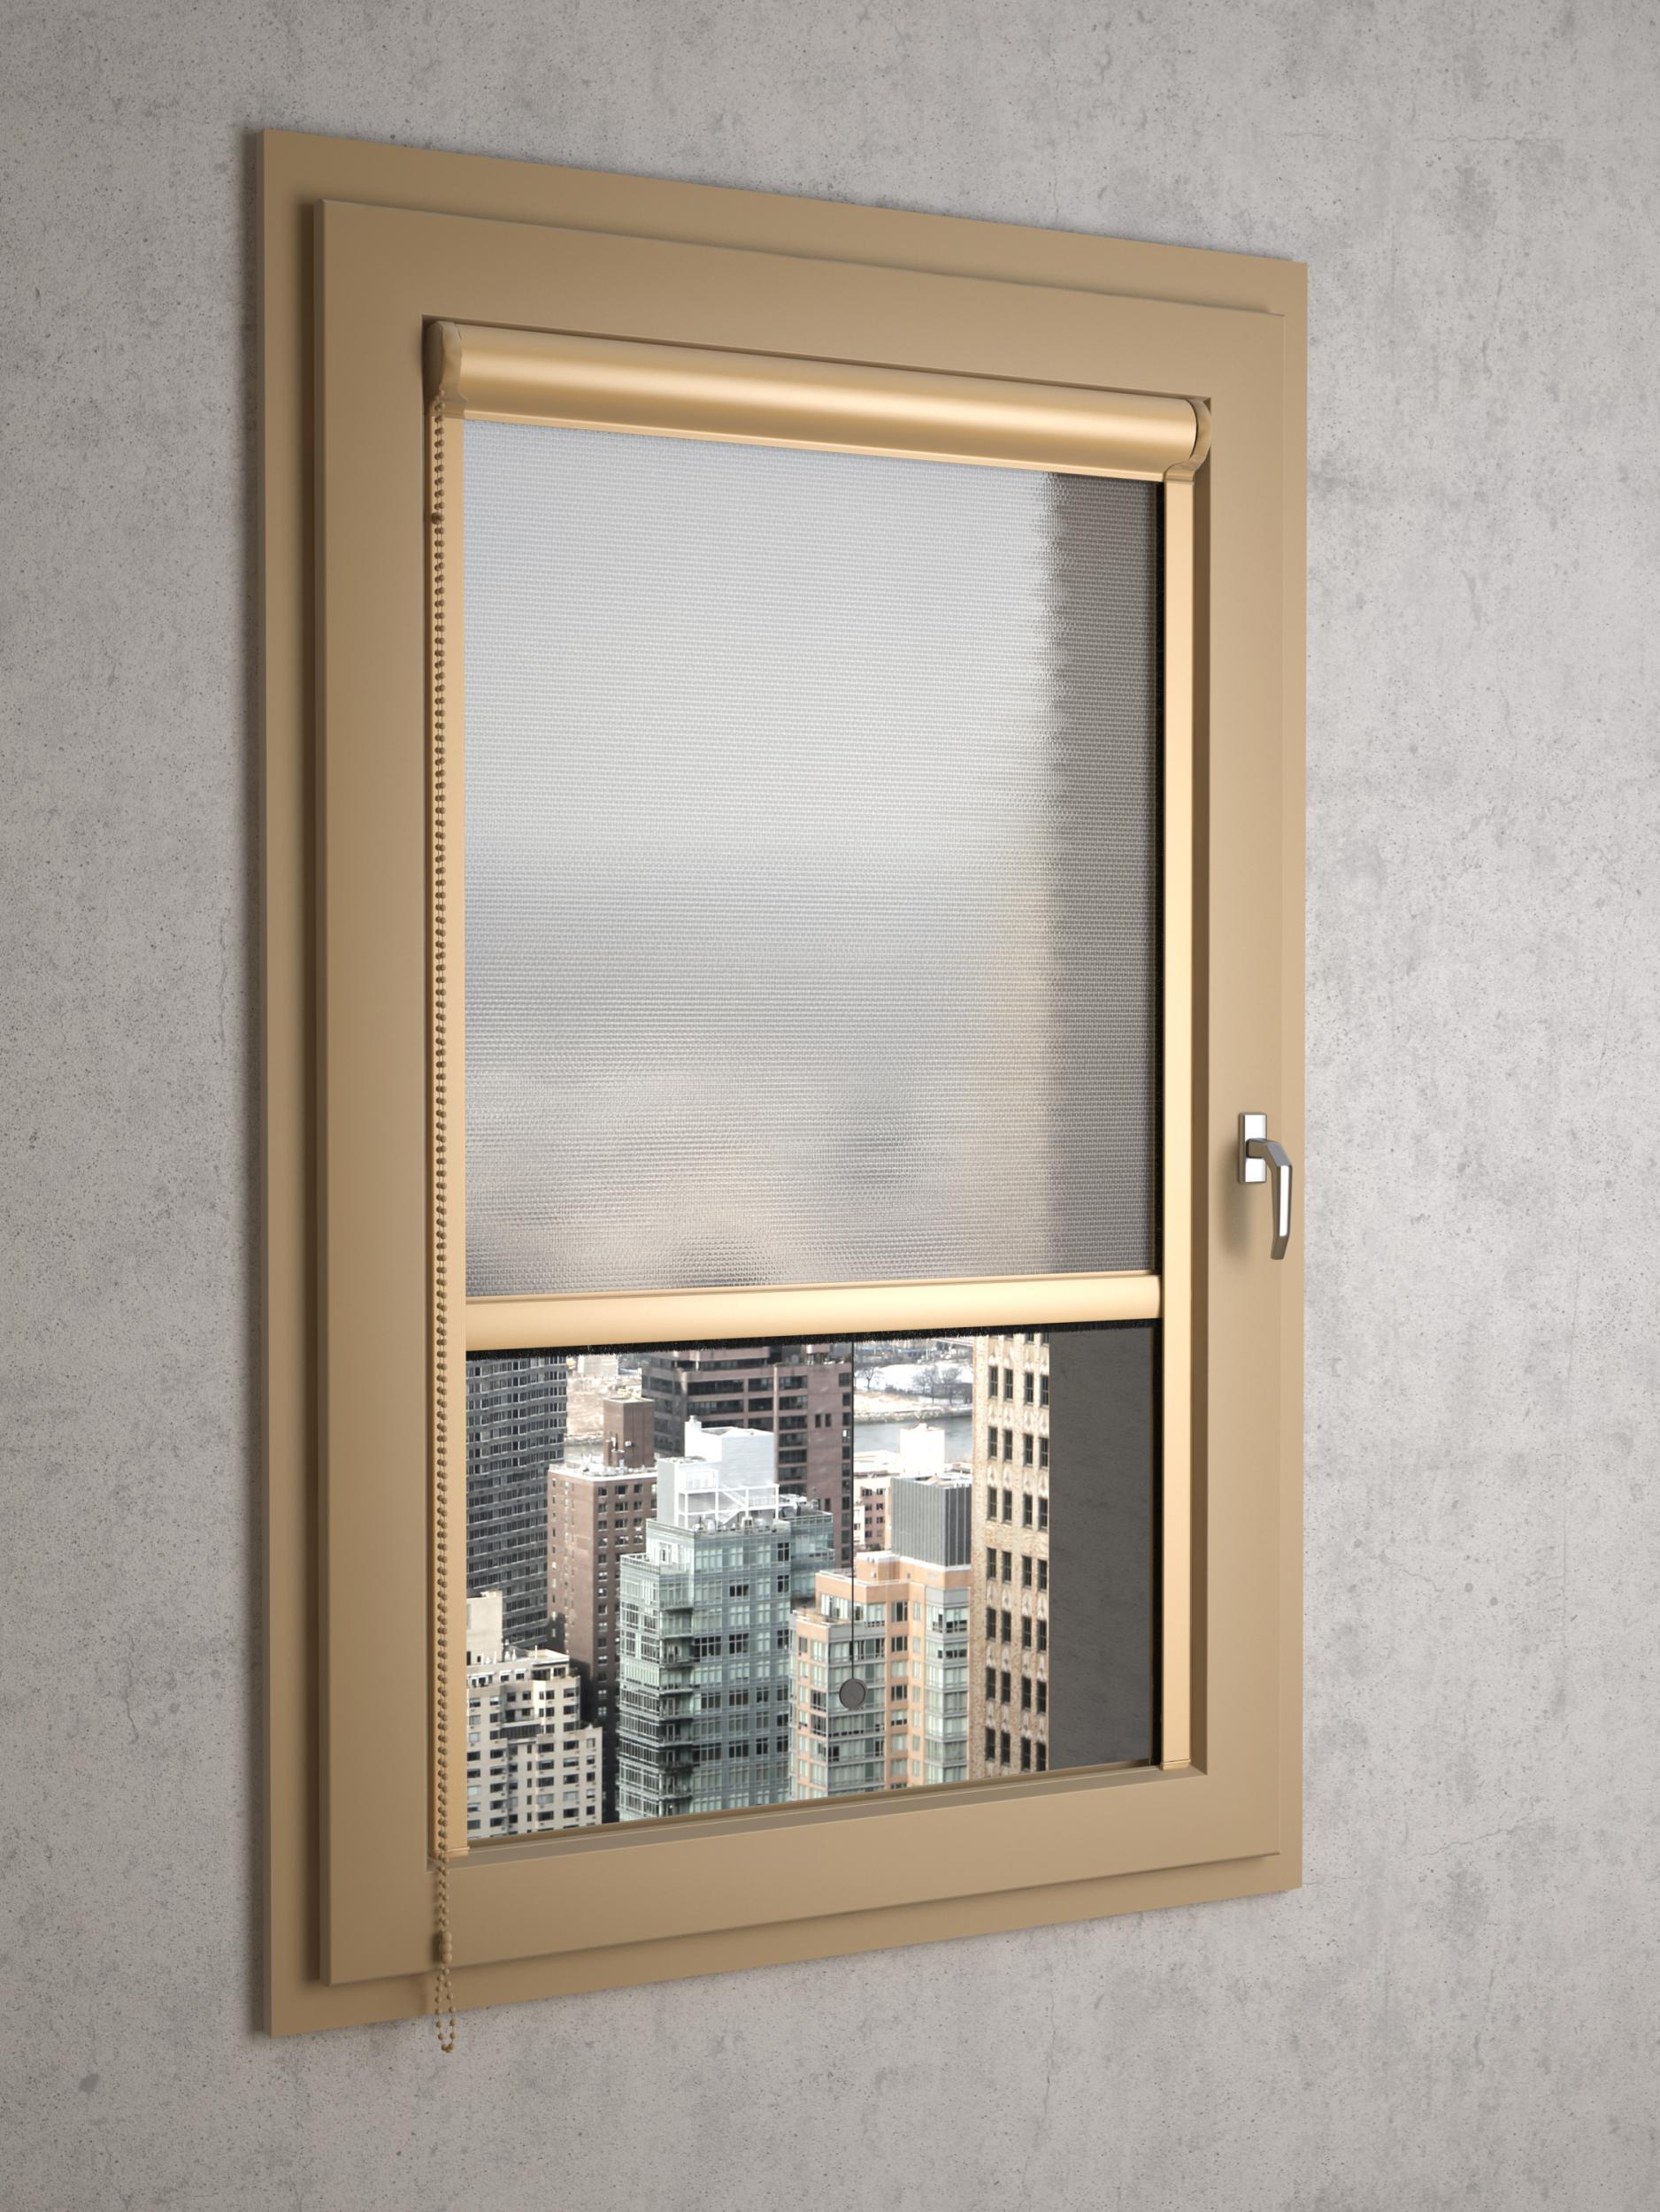 Tende Per Finestre A Ribalta aria bettio tende a catena per porte e finestre con tessuto